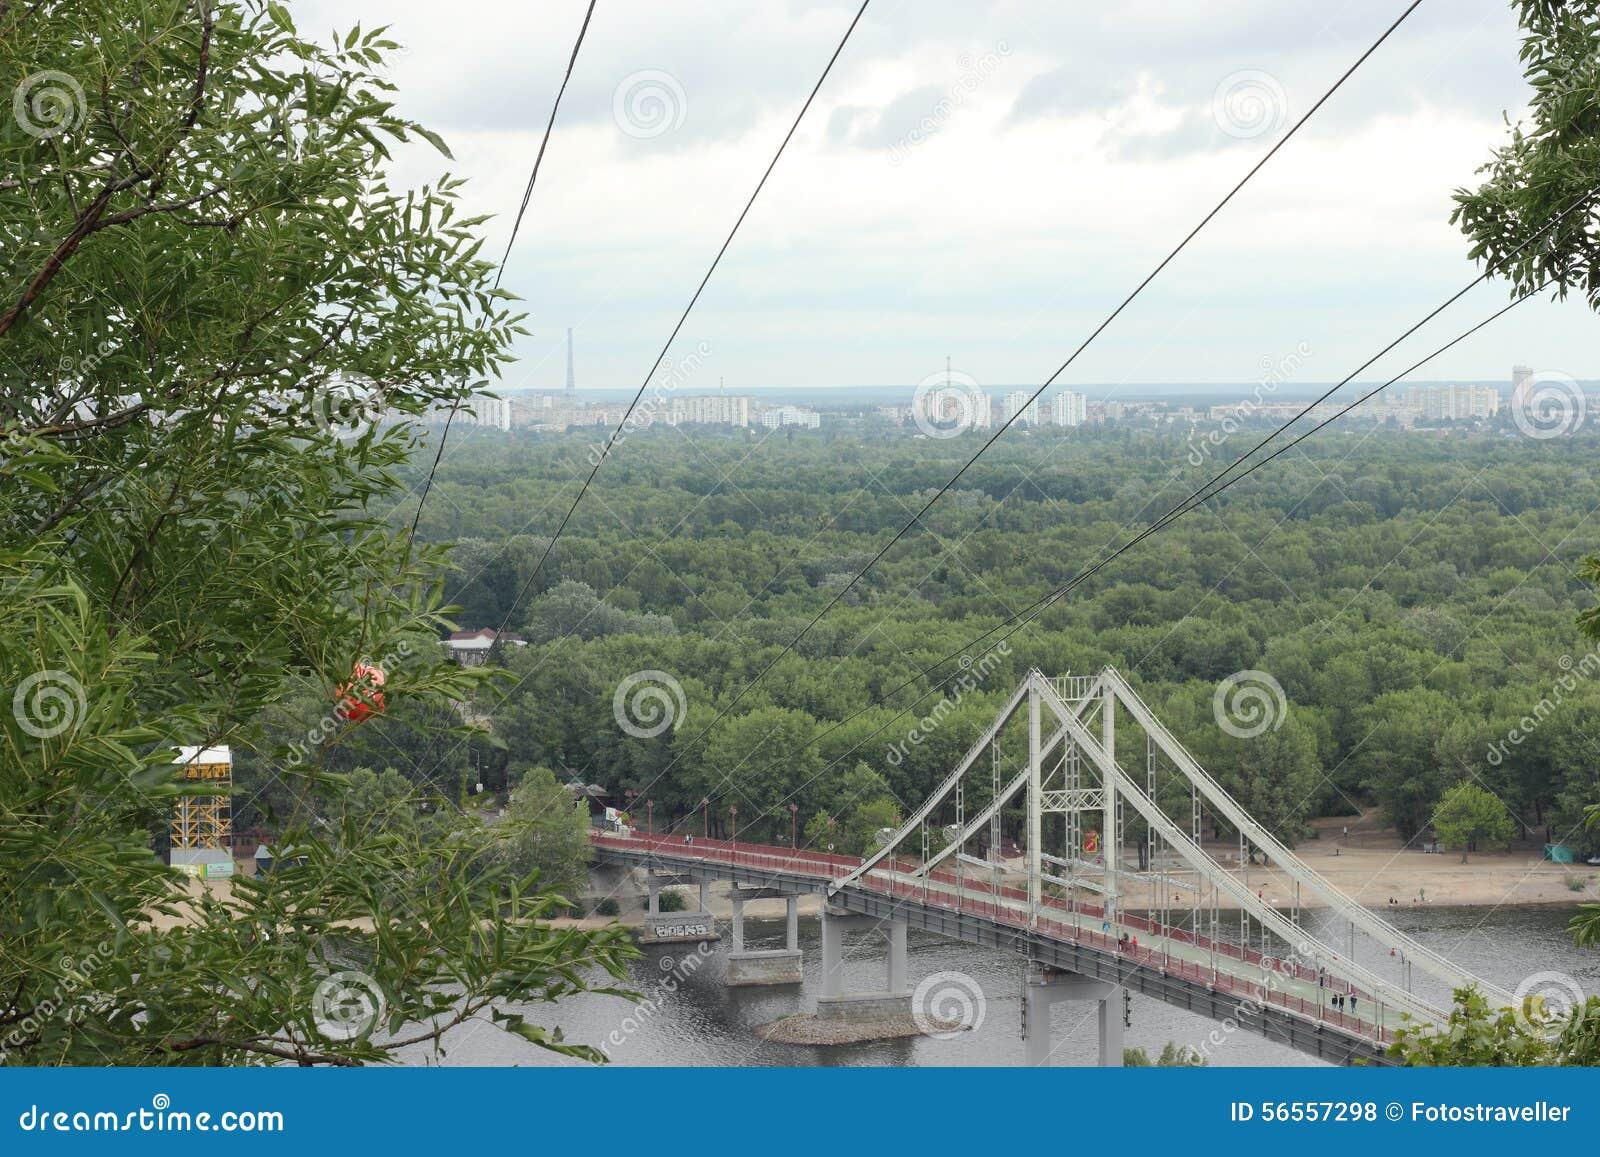 Download Για τους πεζούς γέφυρα εκδοτική στοκ εικόνες. εικόνα από σπίτι - 56557298